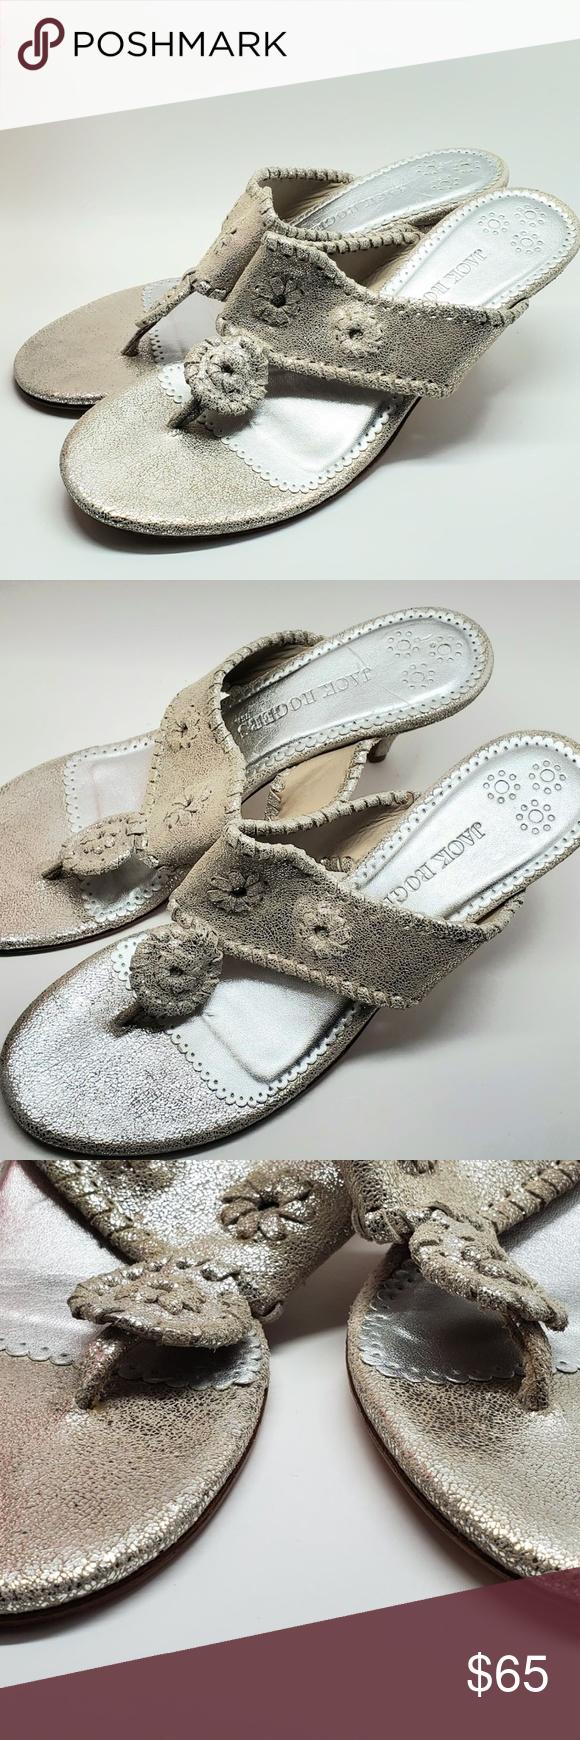 Soldjack Rogers Marina Silver Kitten Heel Sandals Nwt Kitten Heel Sandals Silver Kitten Heels Sandals Heels